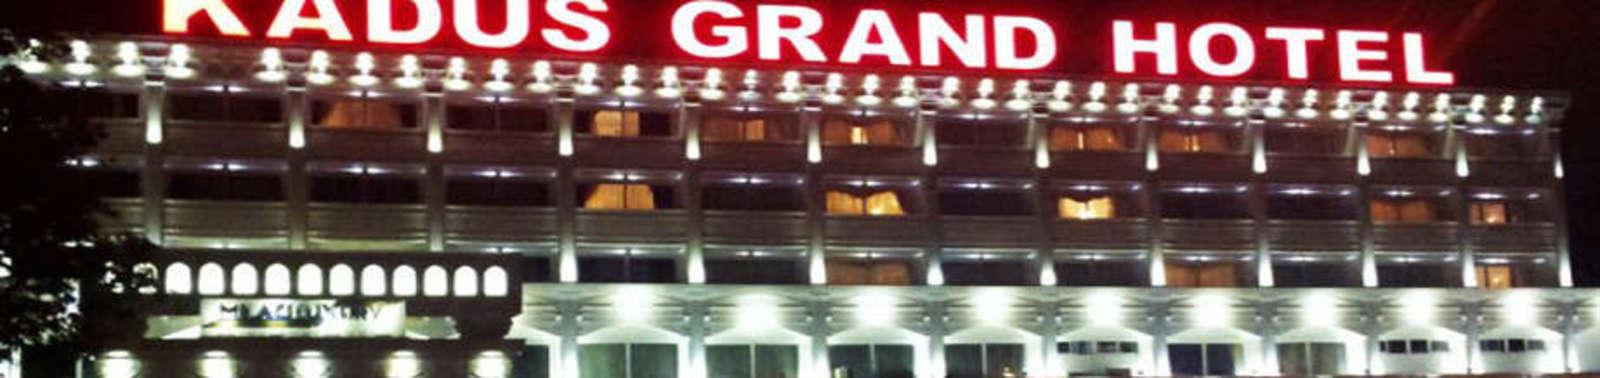 Gilan-Kadous-Hotel